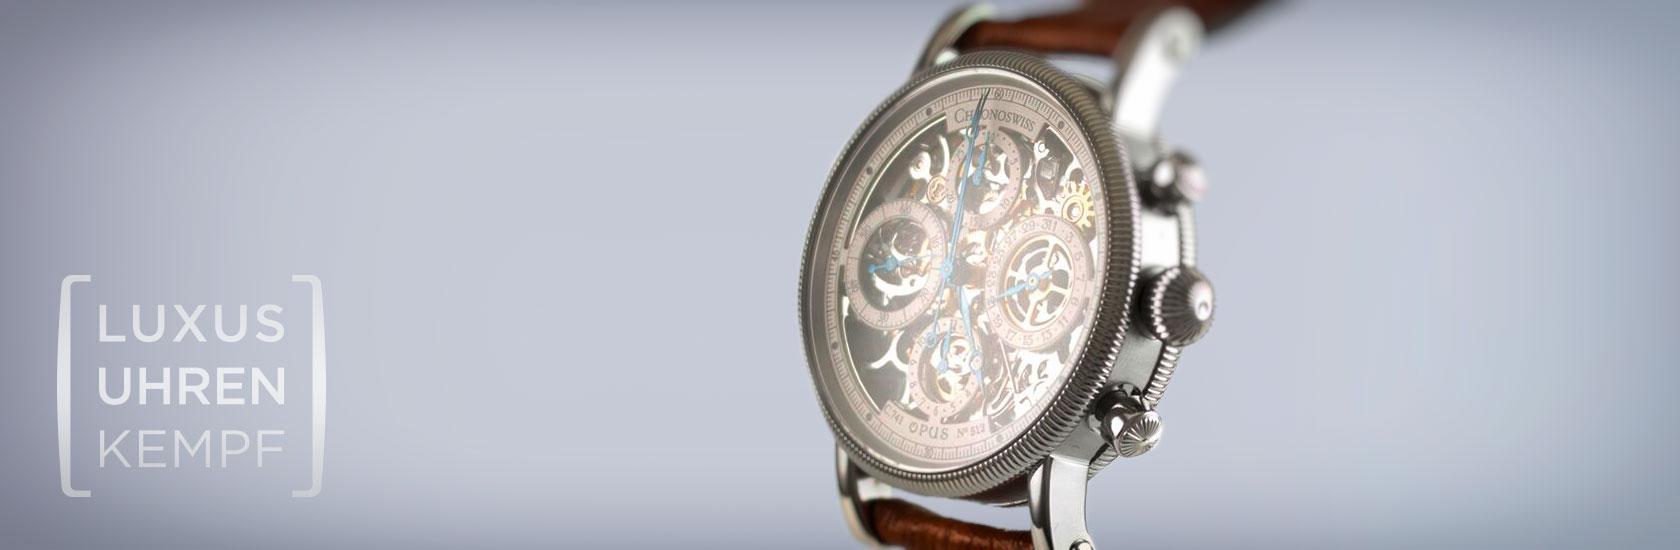 Luxusuhren Kempf - Ankauf von gebrauchten Chronoswiss Uhren